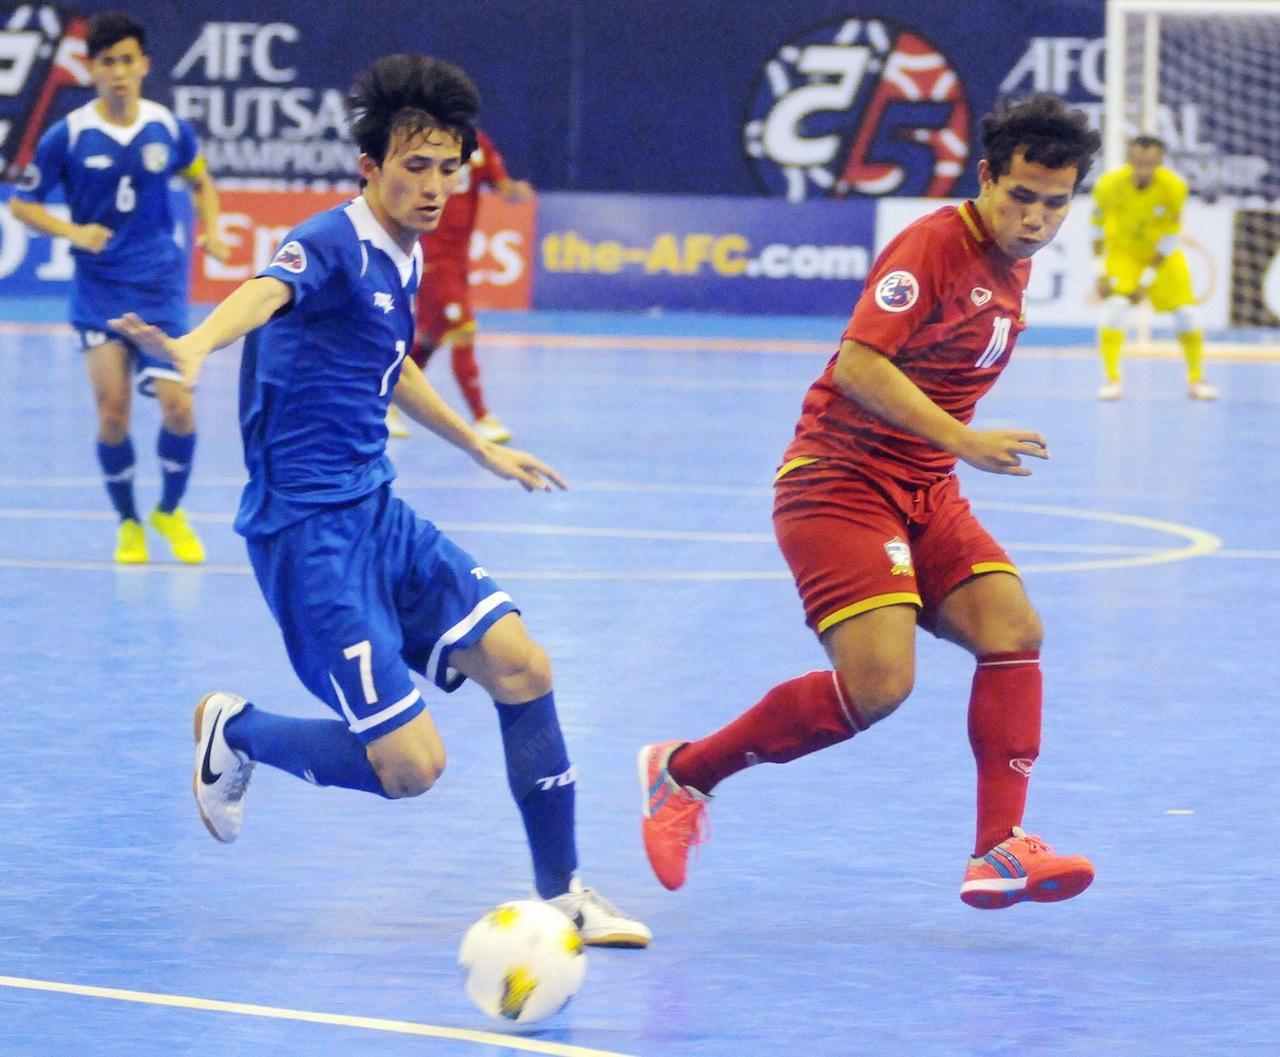 ทีมไทยไล่ต้อนเอาชนะทีมไต้หวัน 5-2